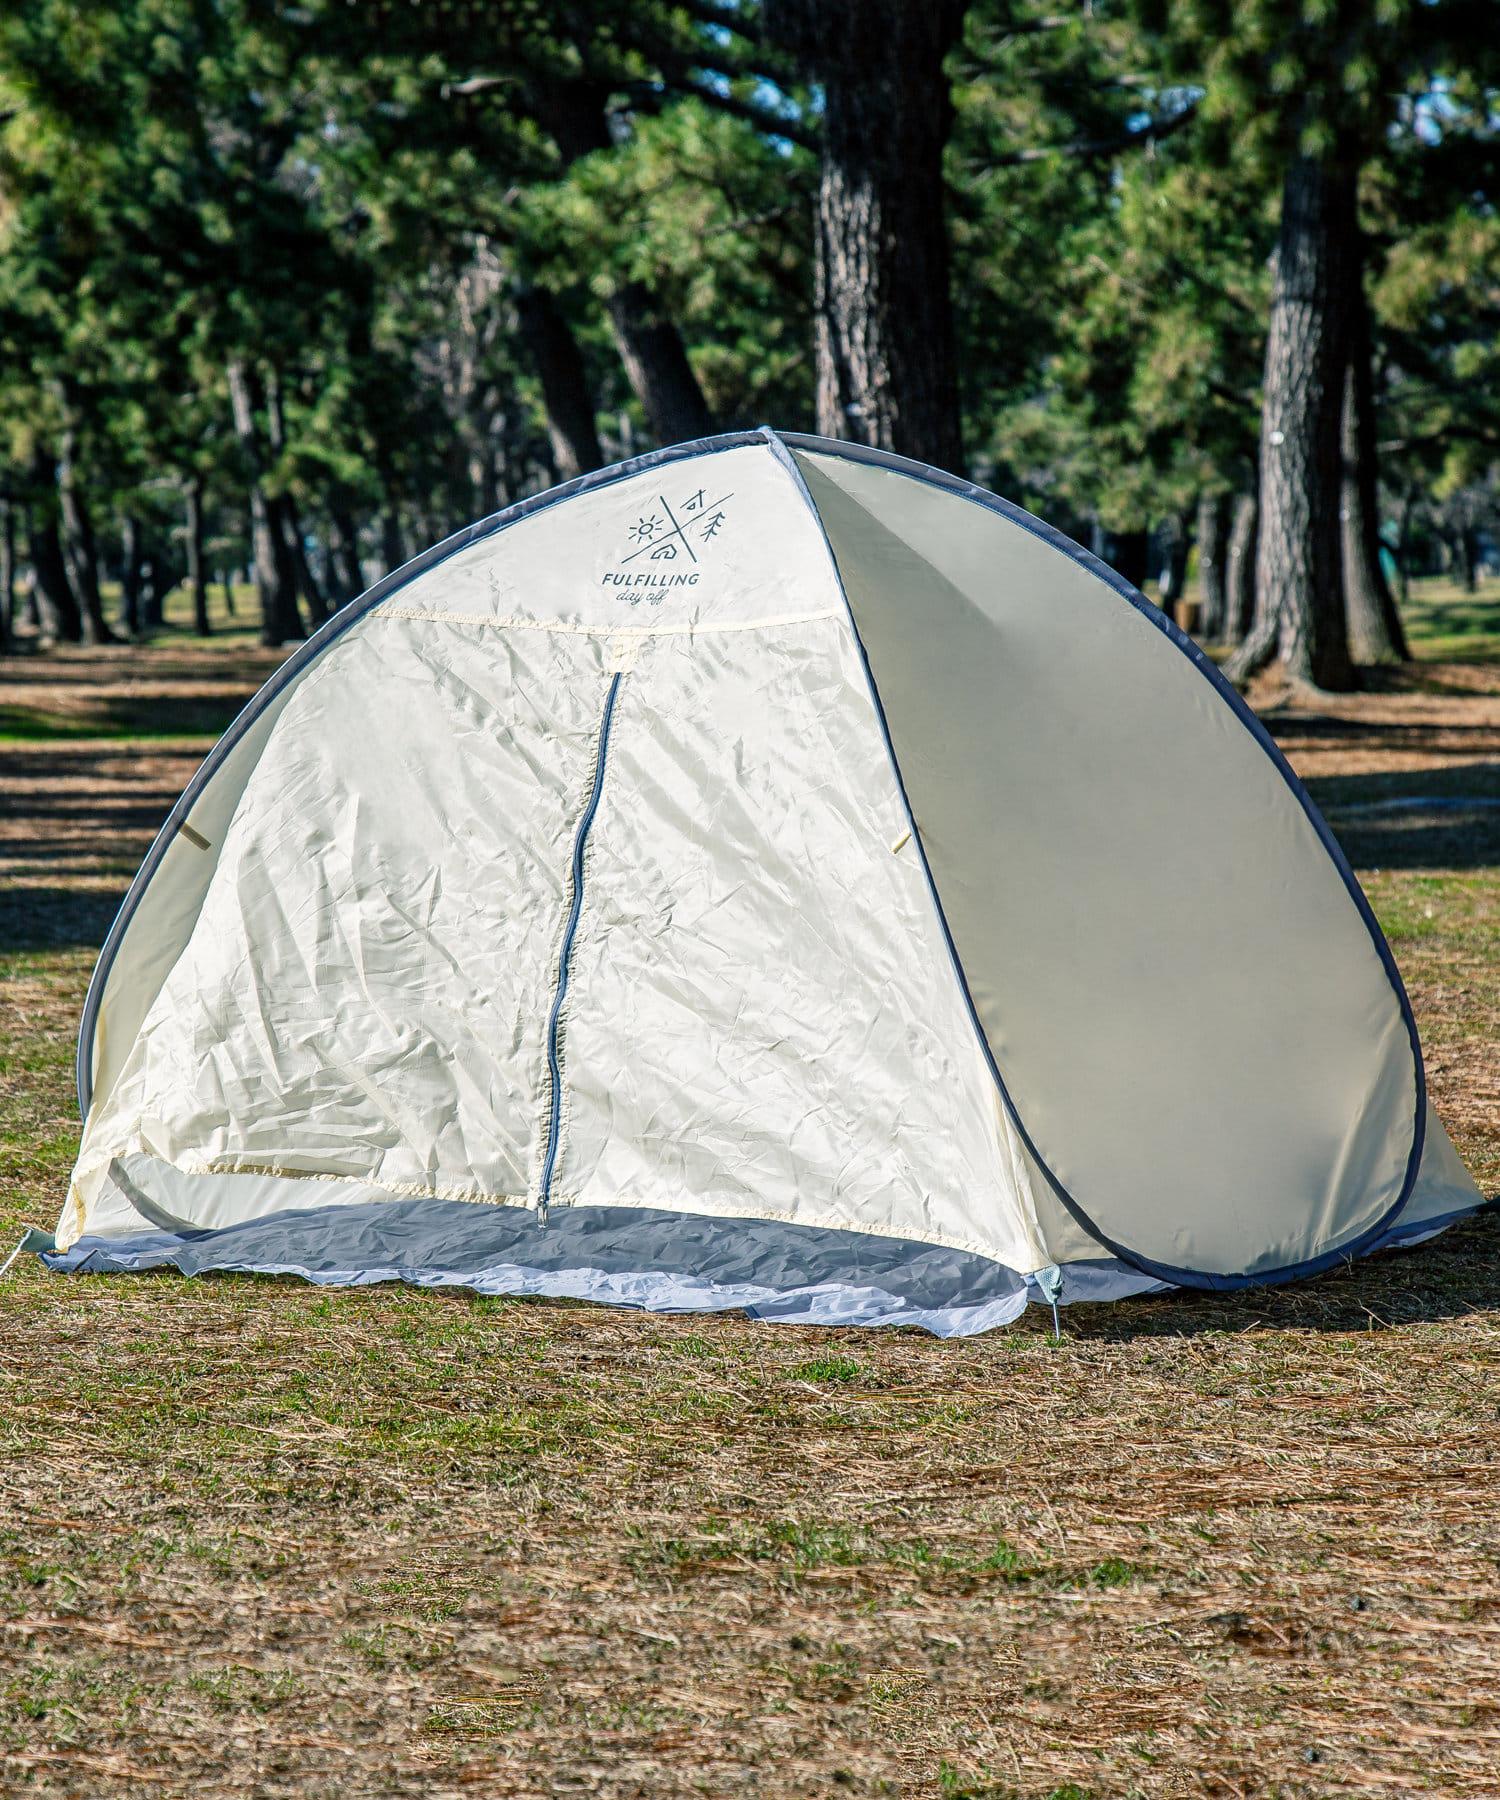 3COINS(スリーコインズ) 【お外を楽しむ快適キャンプ】カーテン付きPOPUPテント